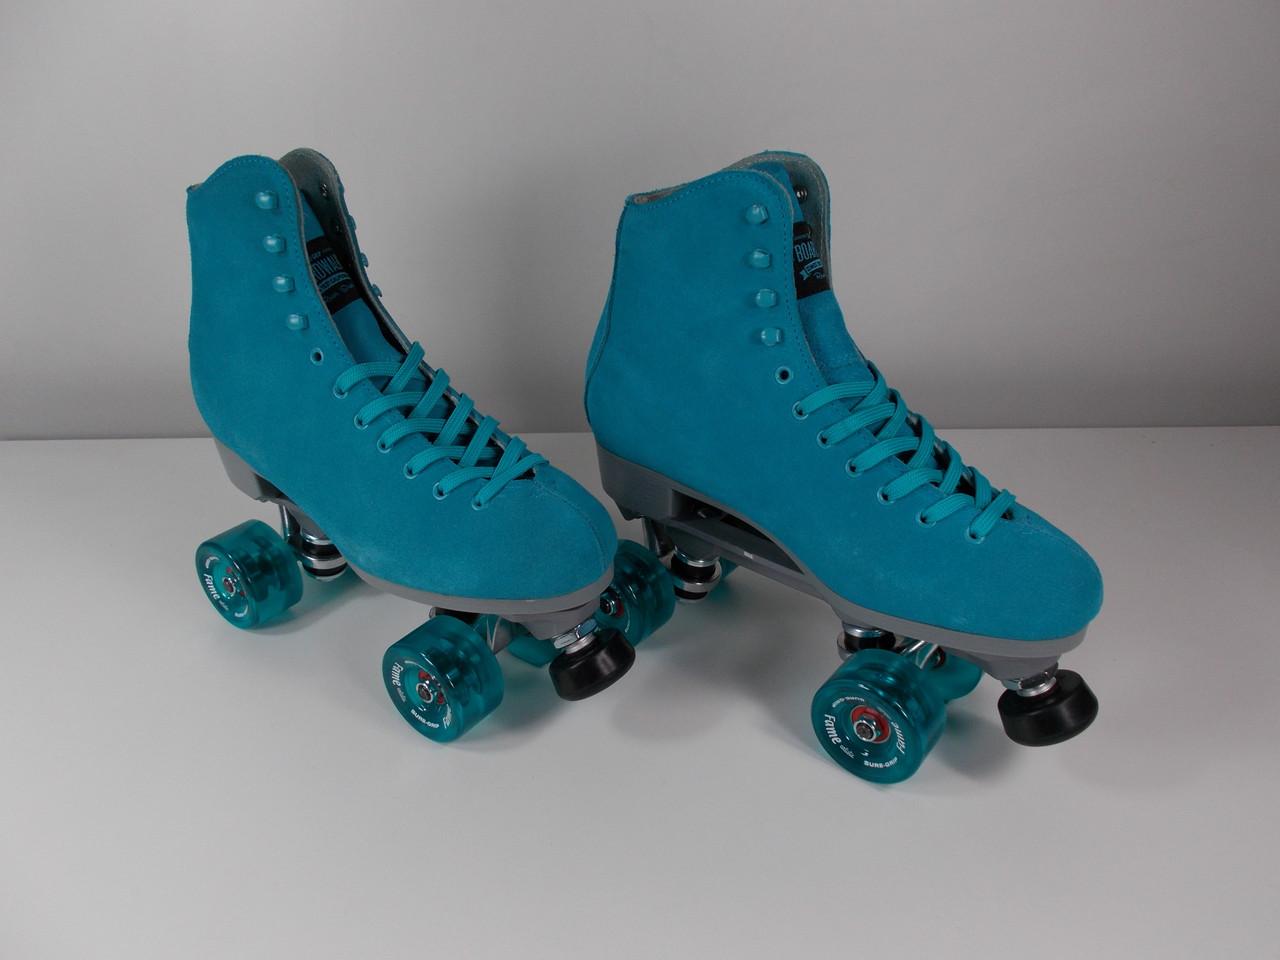 Roller Skates On Sales Rollerskatenation Com >> Slightly Used Sure Grip Blue Boardwalk Indoor Roller Skate Size 8